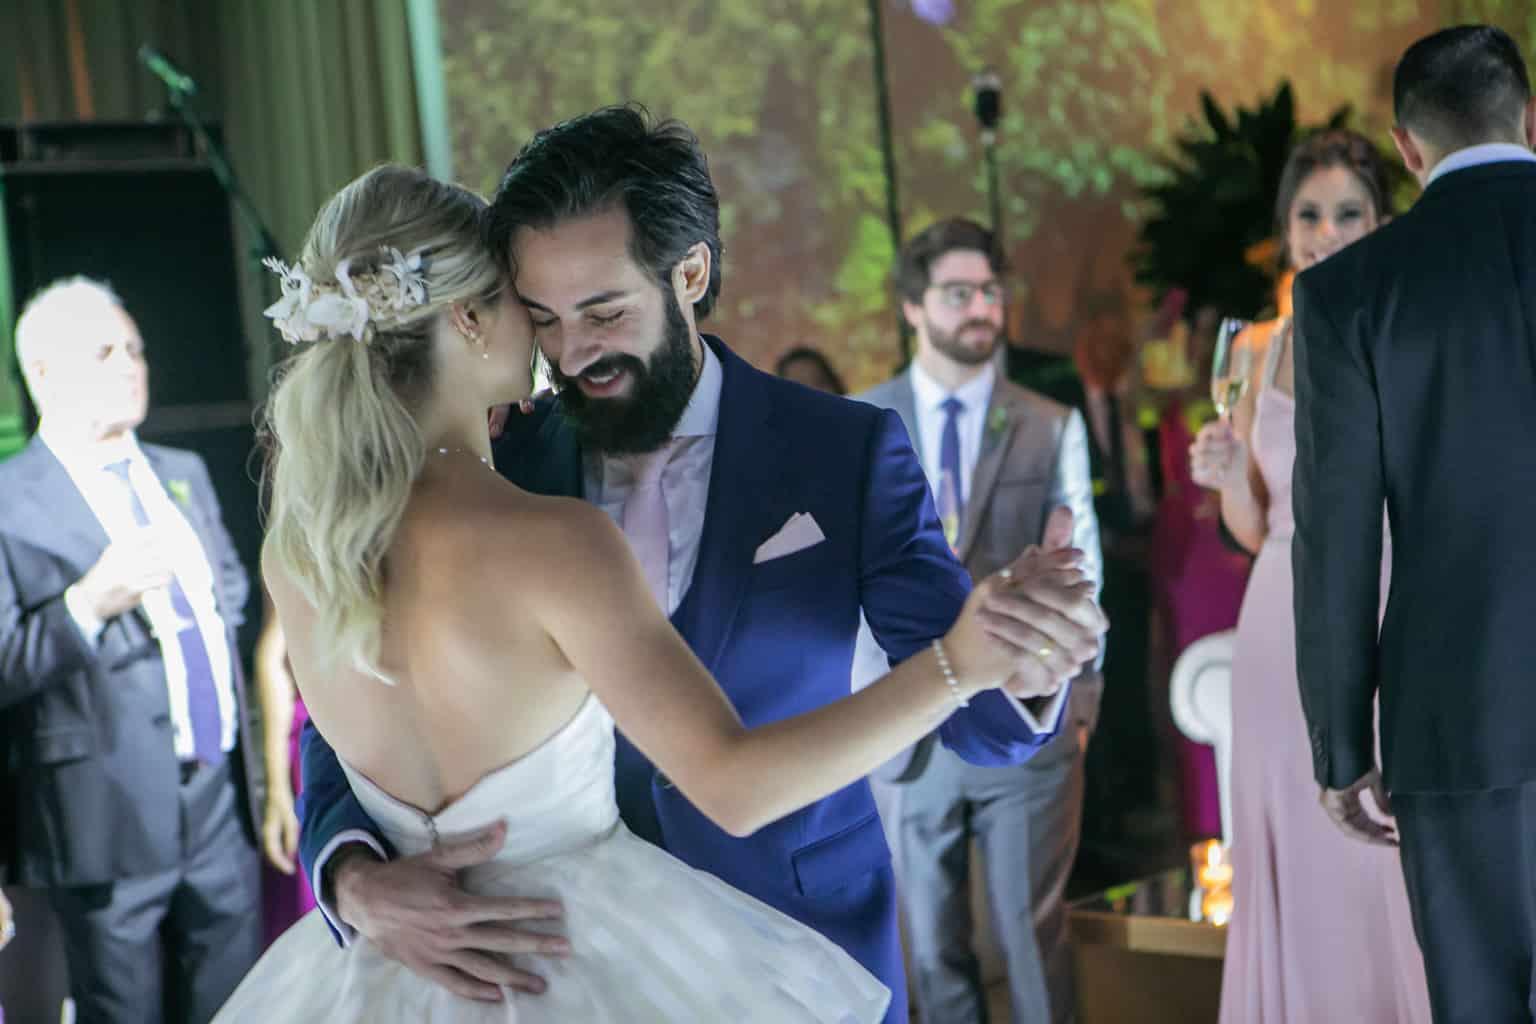 Casamento-Milene-e-Leonardo-danca-do-casal-decoracao-da-festa-Roberto-Tamer-terras-claras270